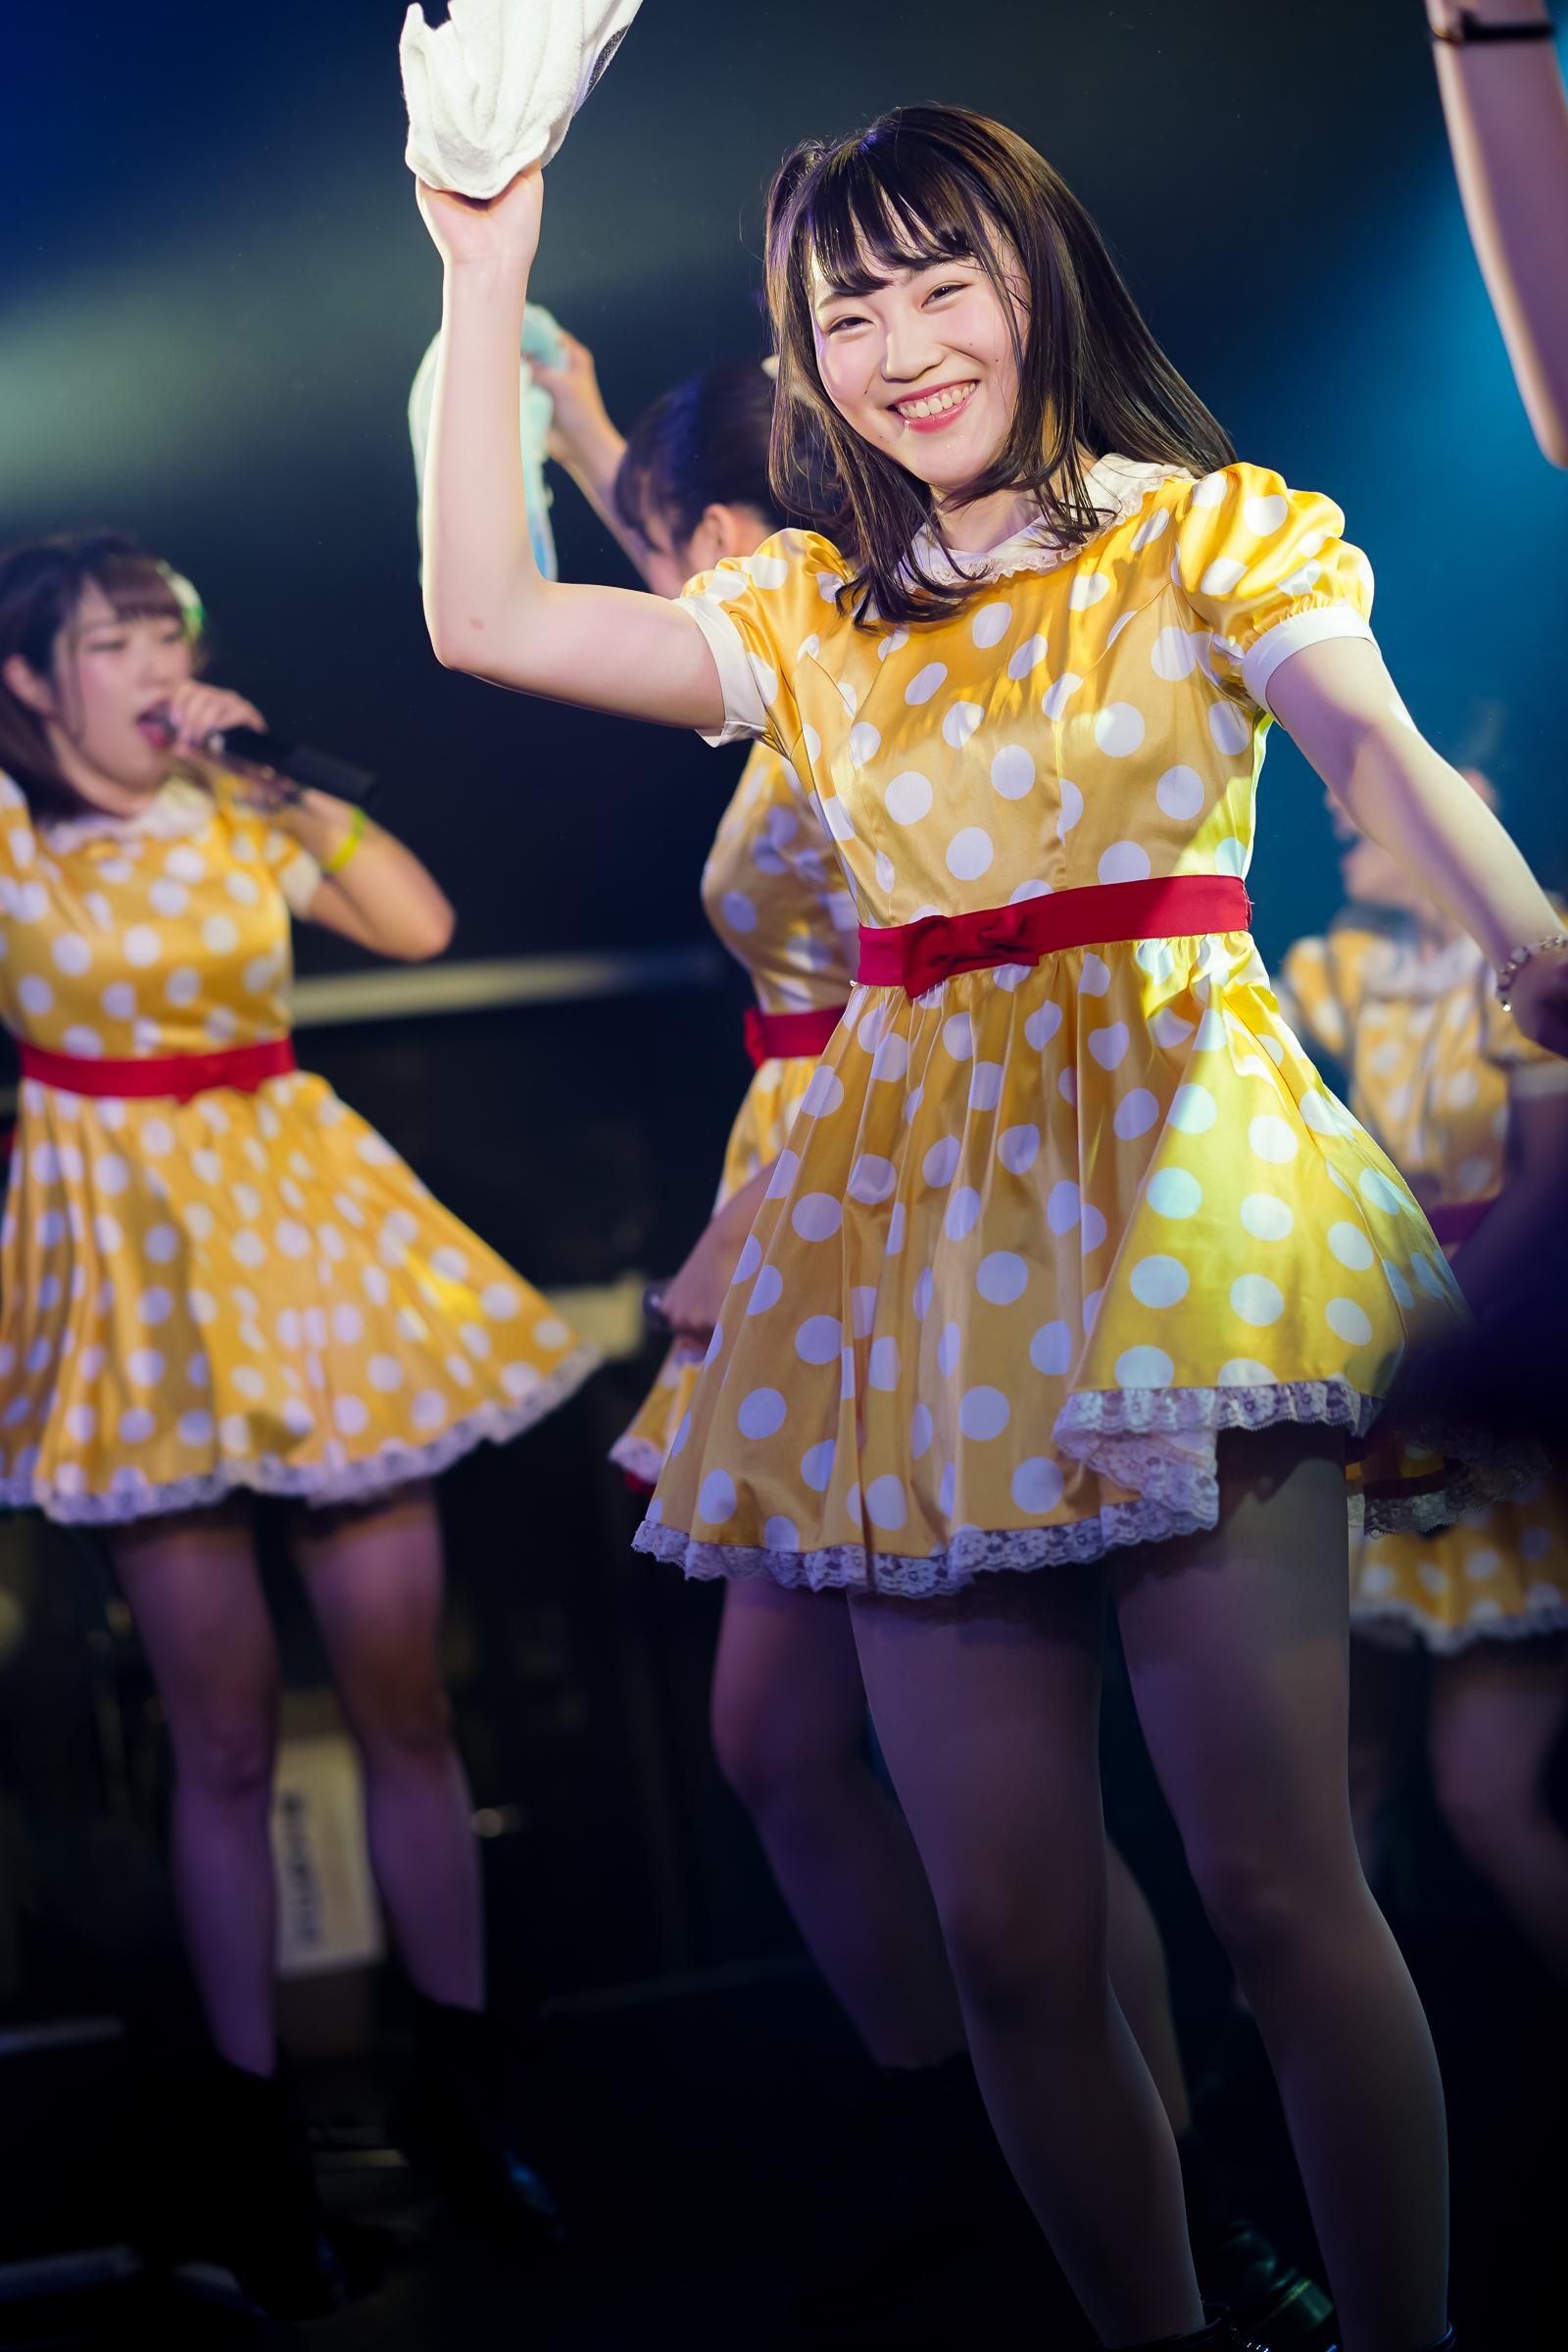 フルーティー♡ きょうか ( 宮崎杏花 ) | ユニバーサル・ライブプロ・ジャパン2018